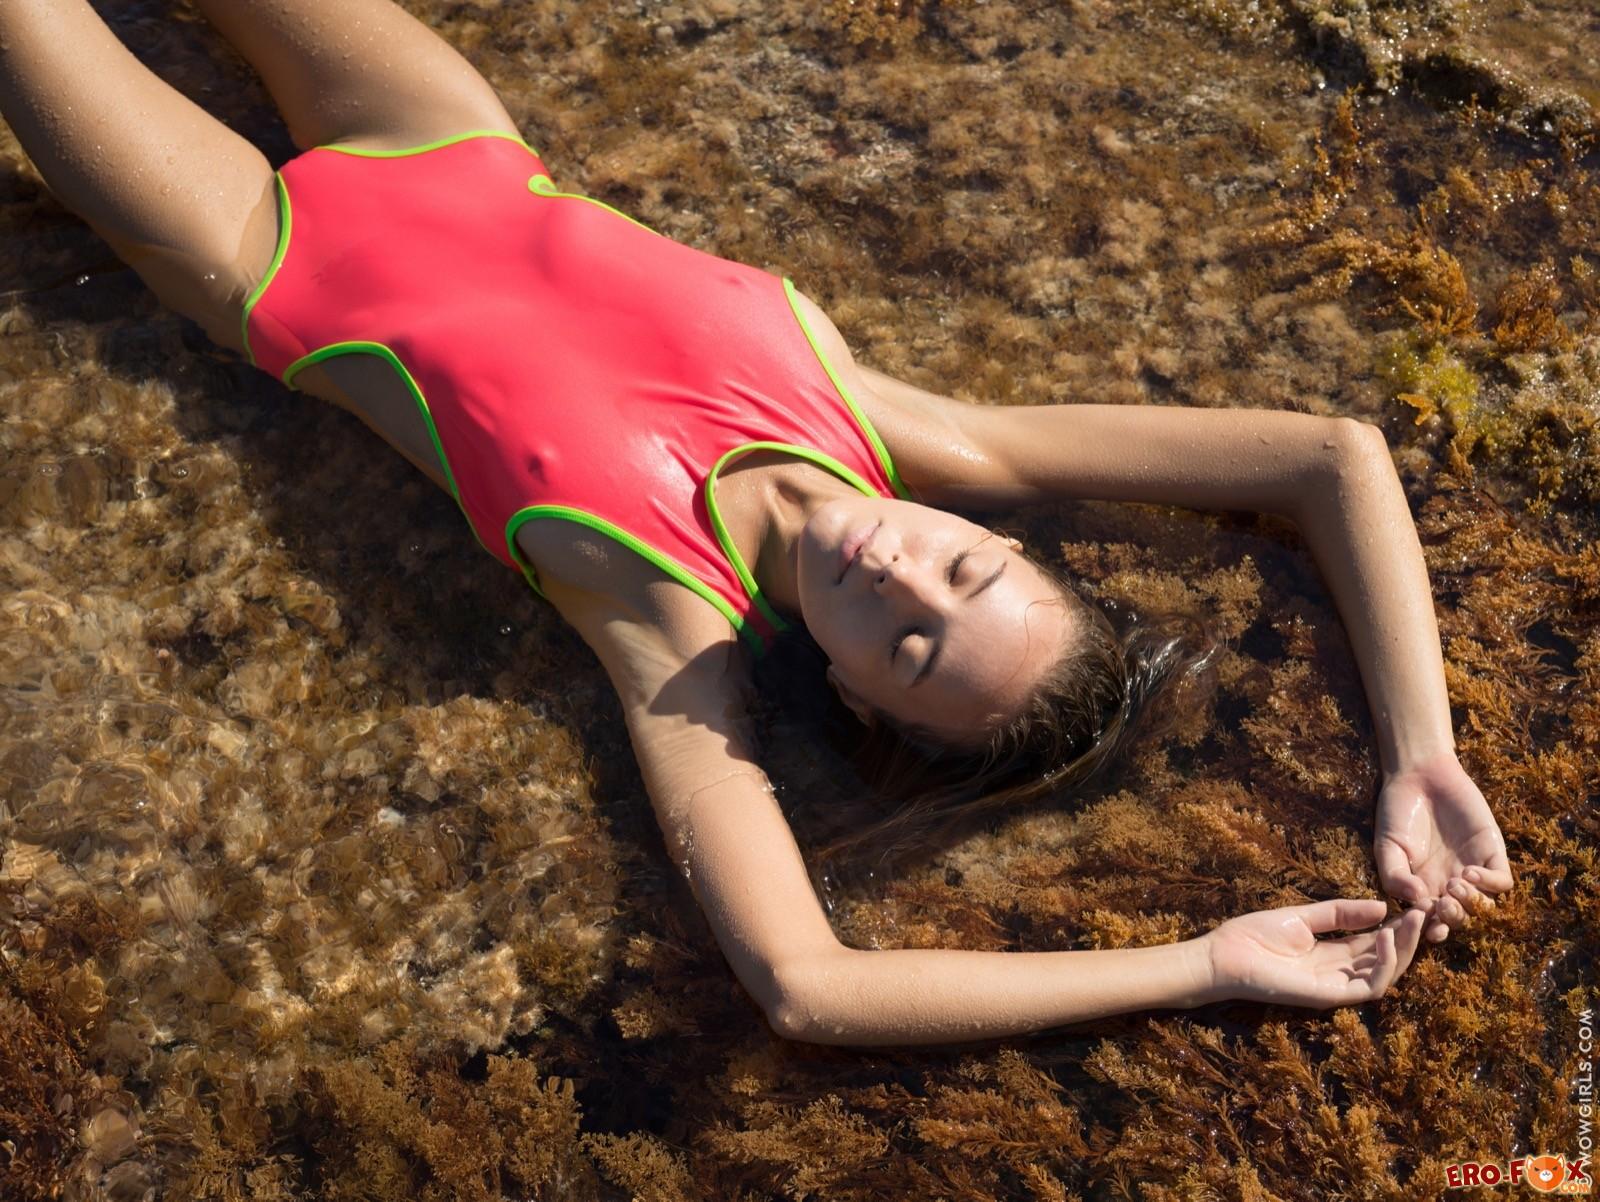 Голая милашка с упругими ягодицами купается в воде